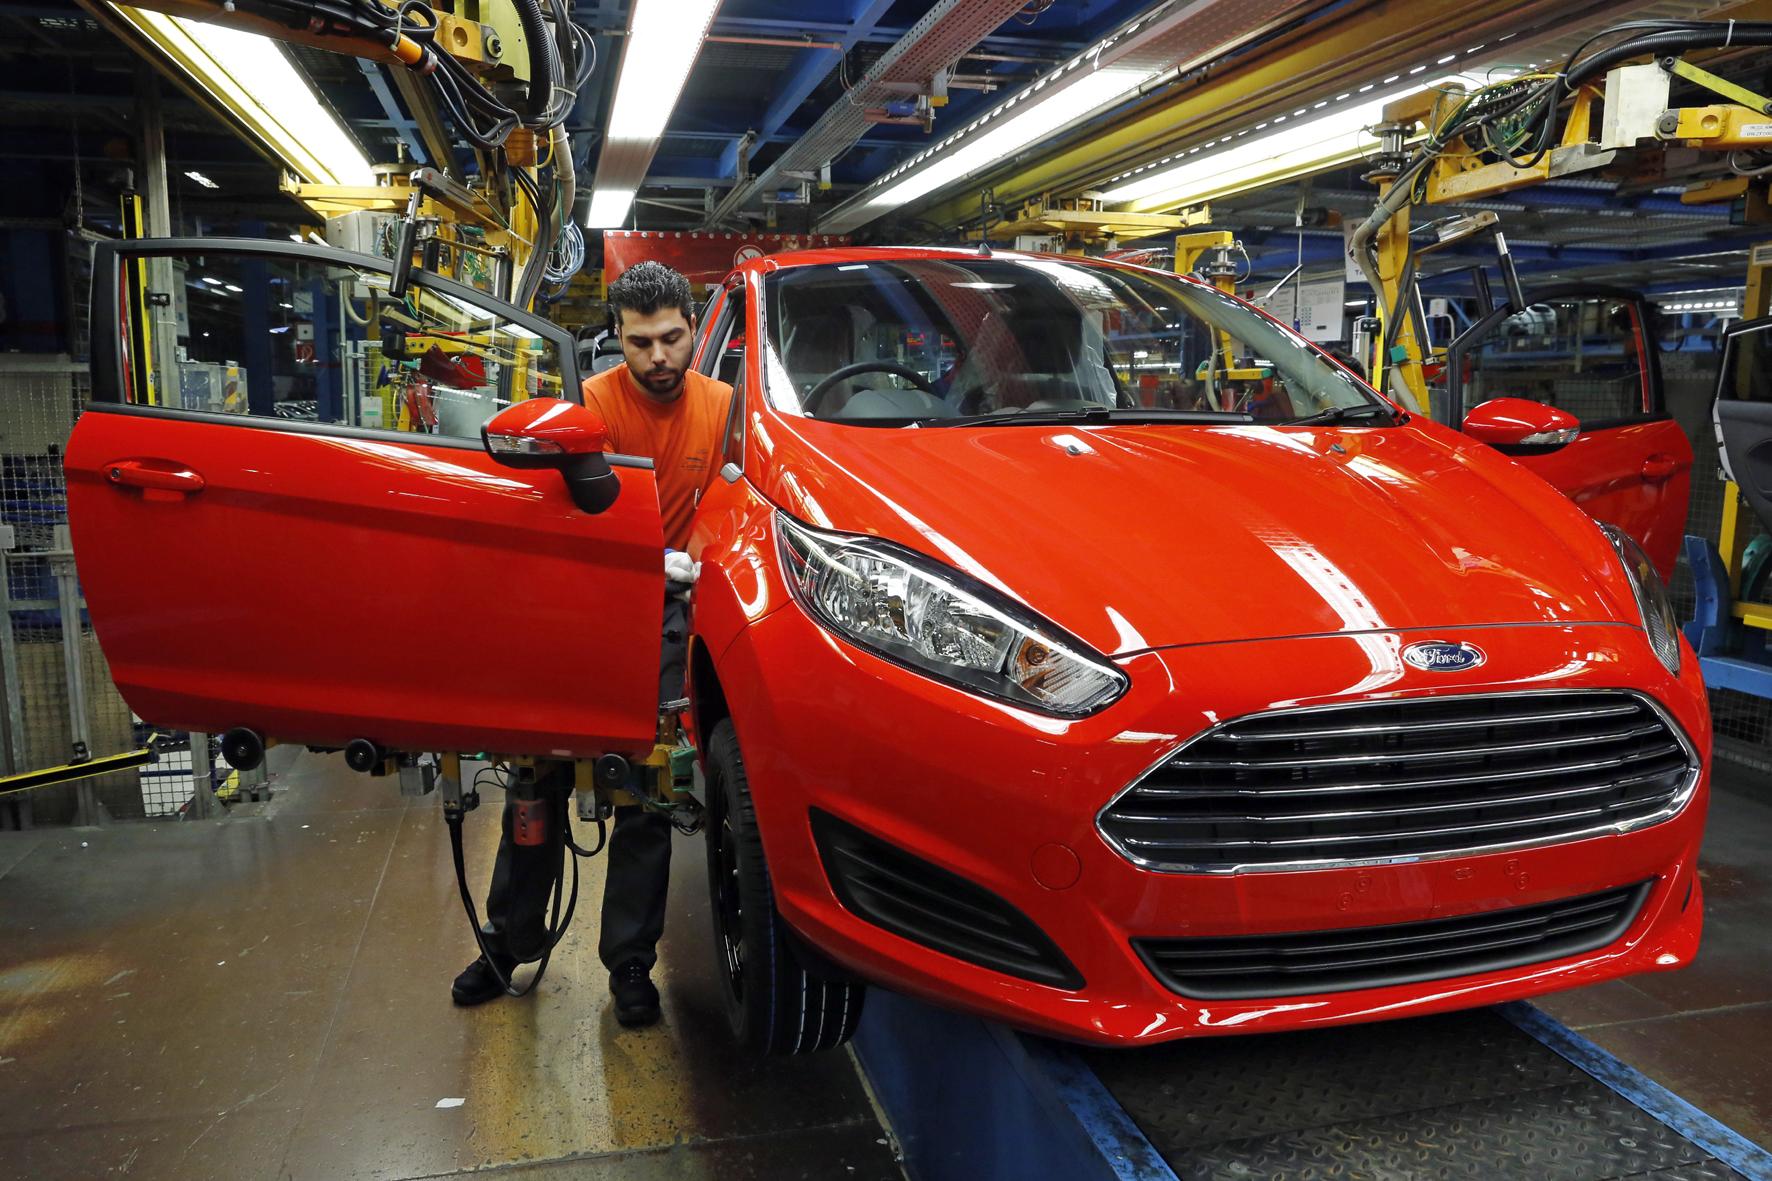 Beim Wissenstransfer können Autobauer und Ärzte voneinander lernen